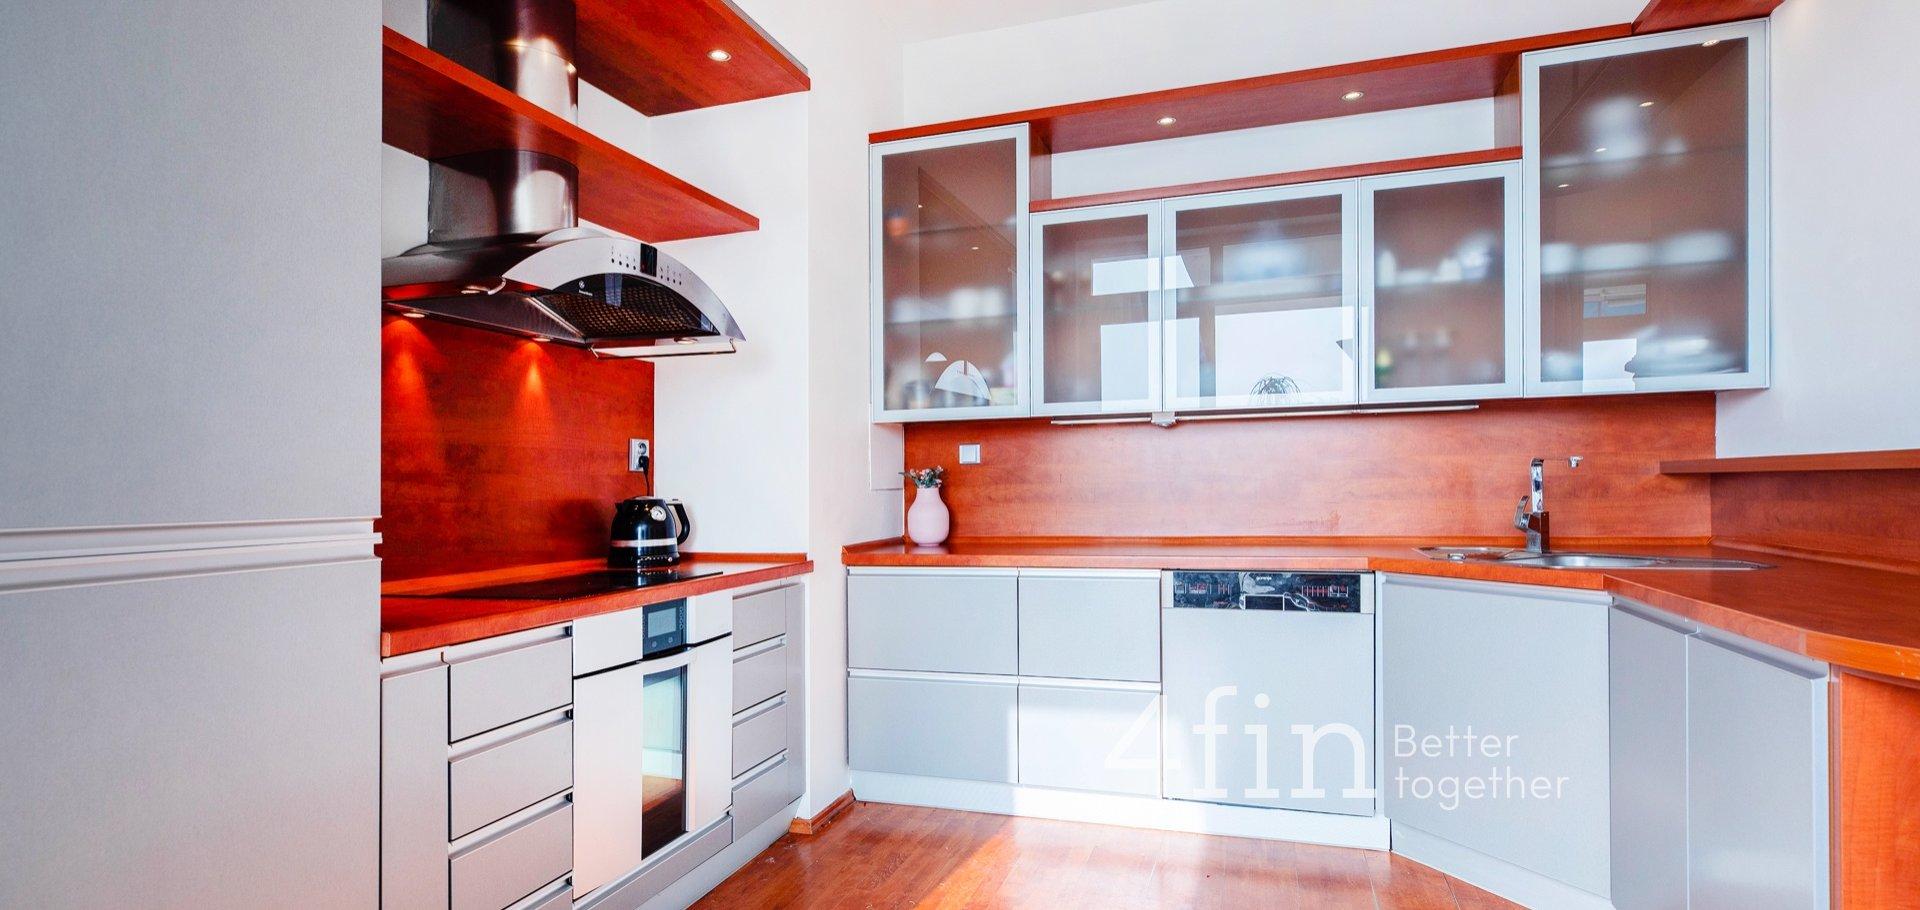 Prodej bytu 4+kk, 142m², terasa, 4 garáže, sklep, Praha - Záběhlice